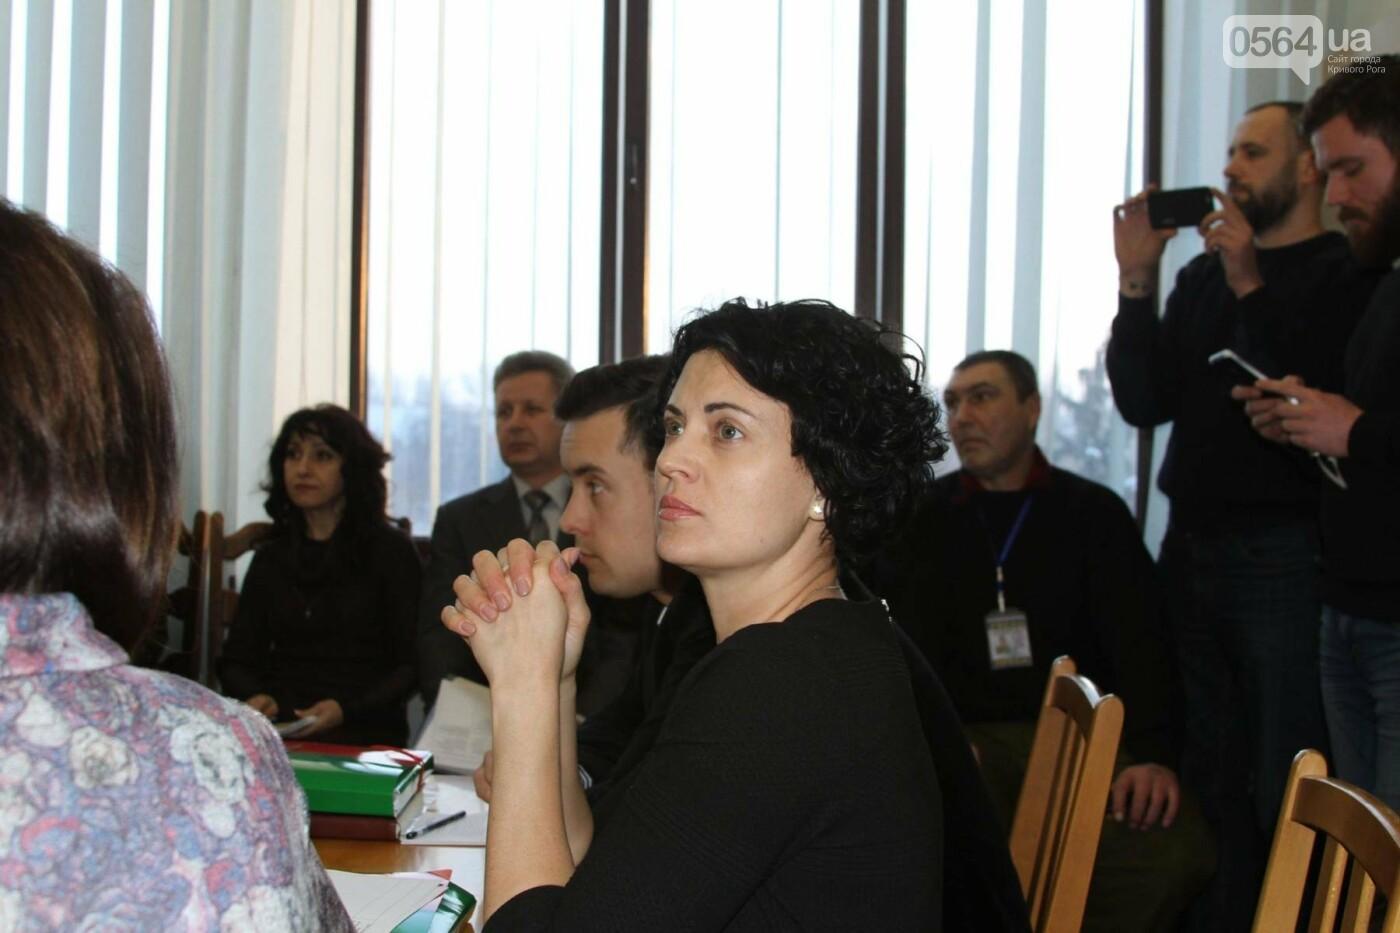 Криворожские депутаты из комиссии по этике и дисциплине со второй попытки не смогли собраться (ФОТО), фото-10